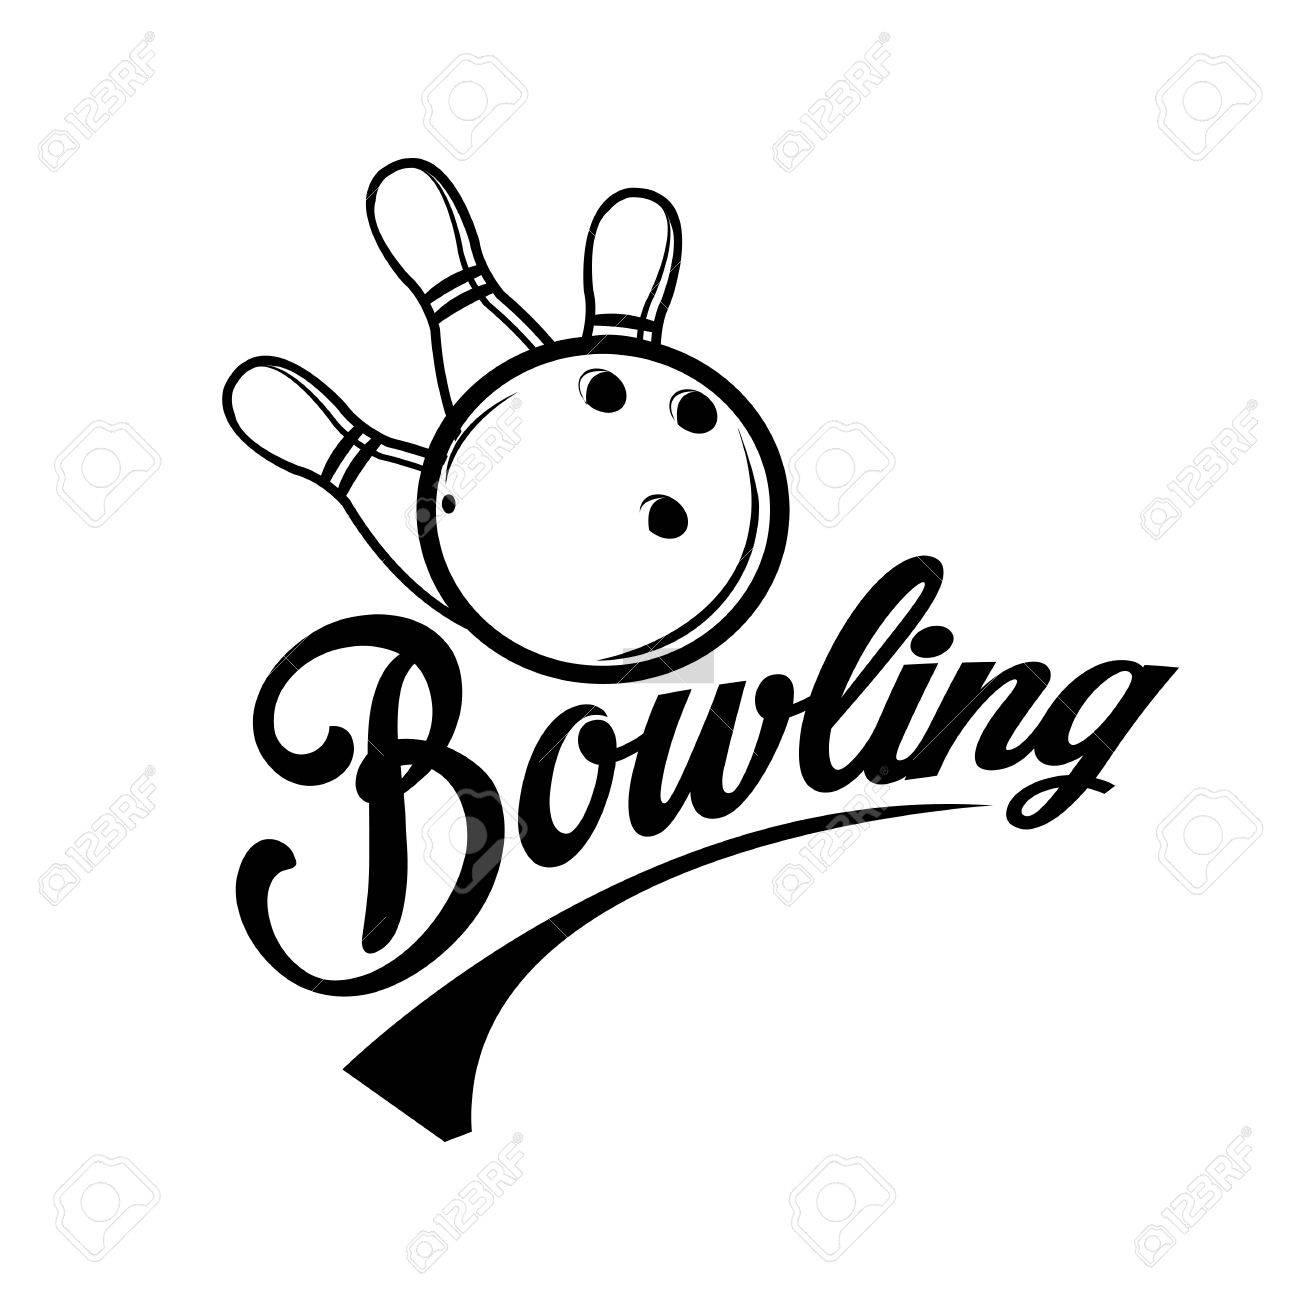 bowling emblems, labels, badges and designed elements. black